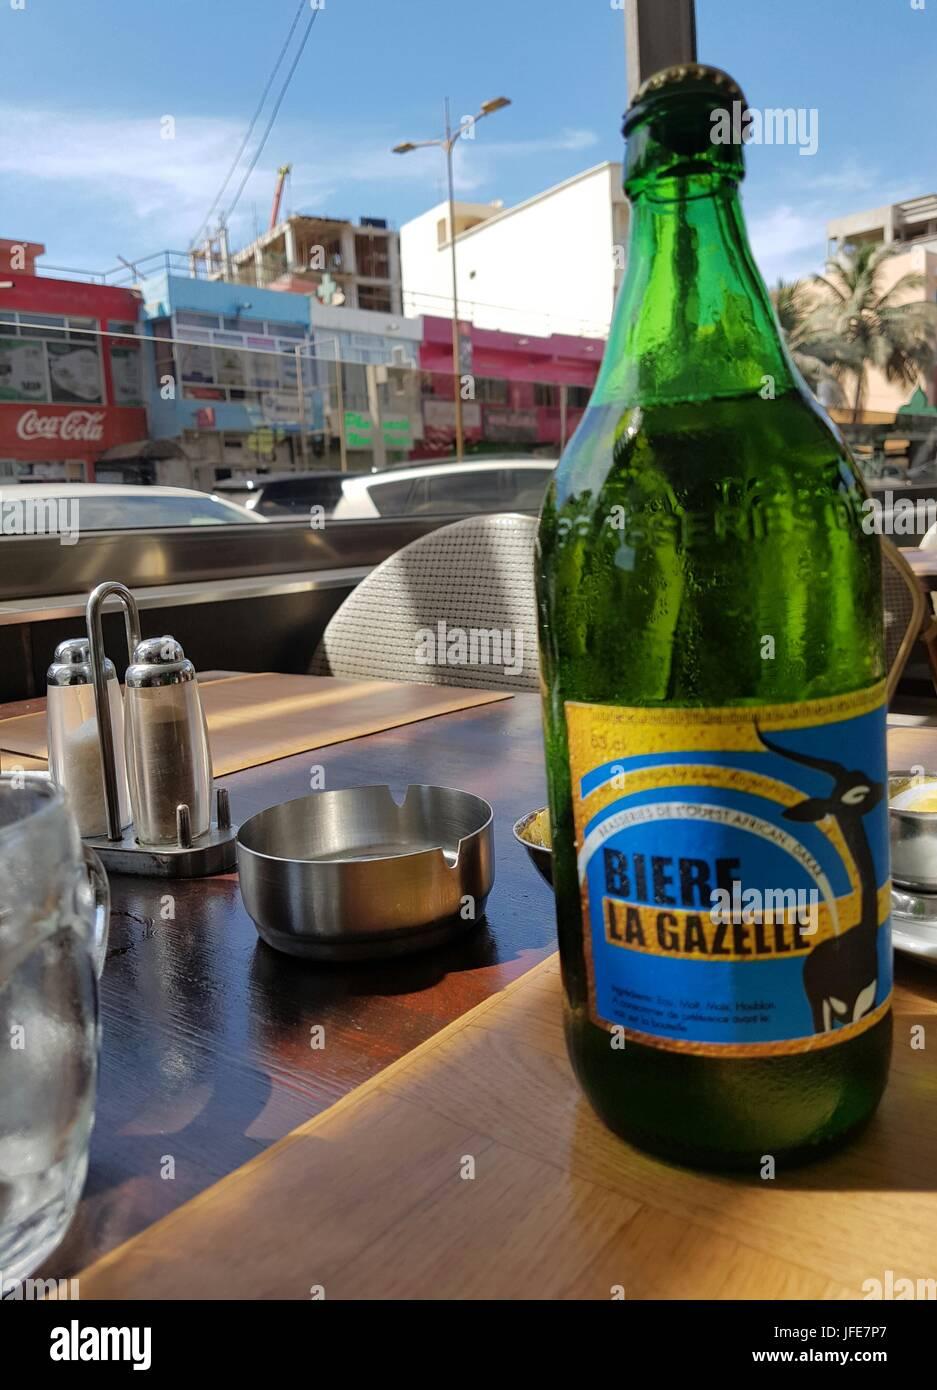 Bottle of Biere La Gazelle, Senegalese Beer